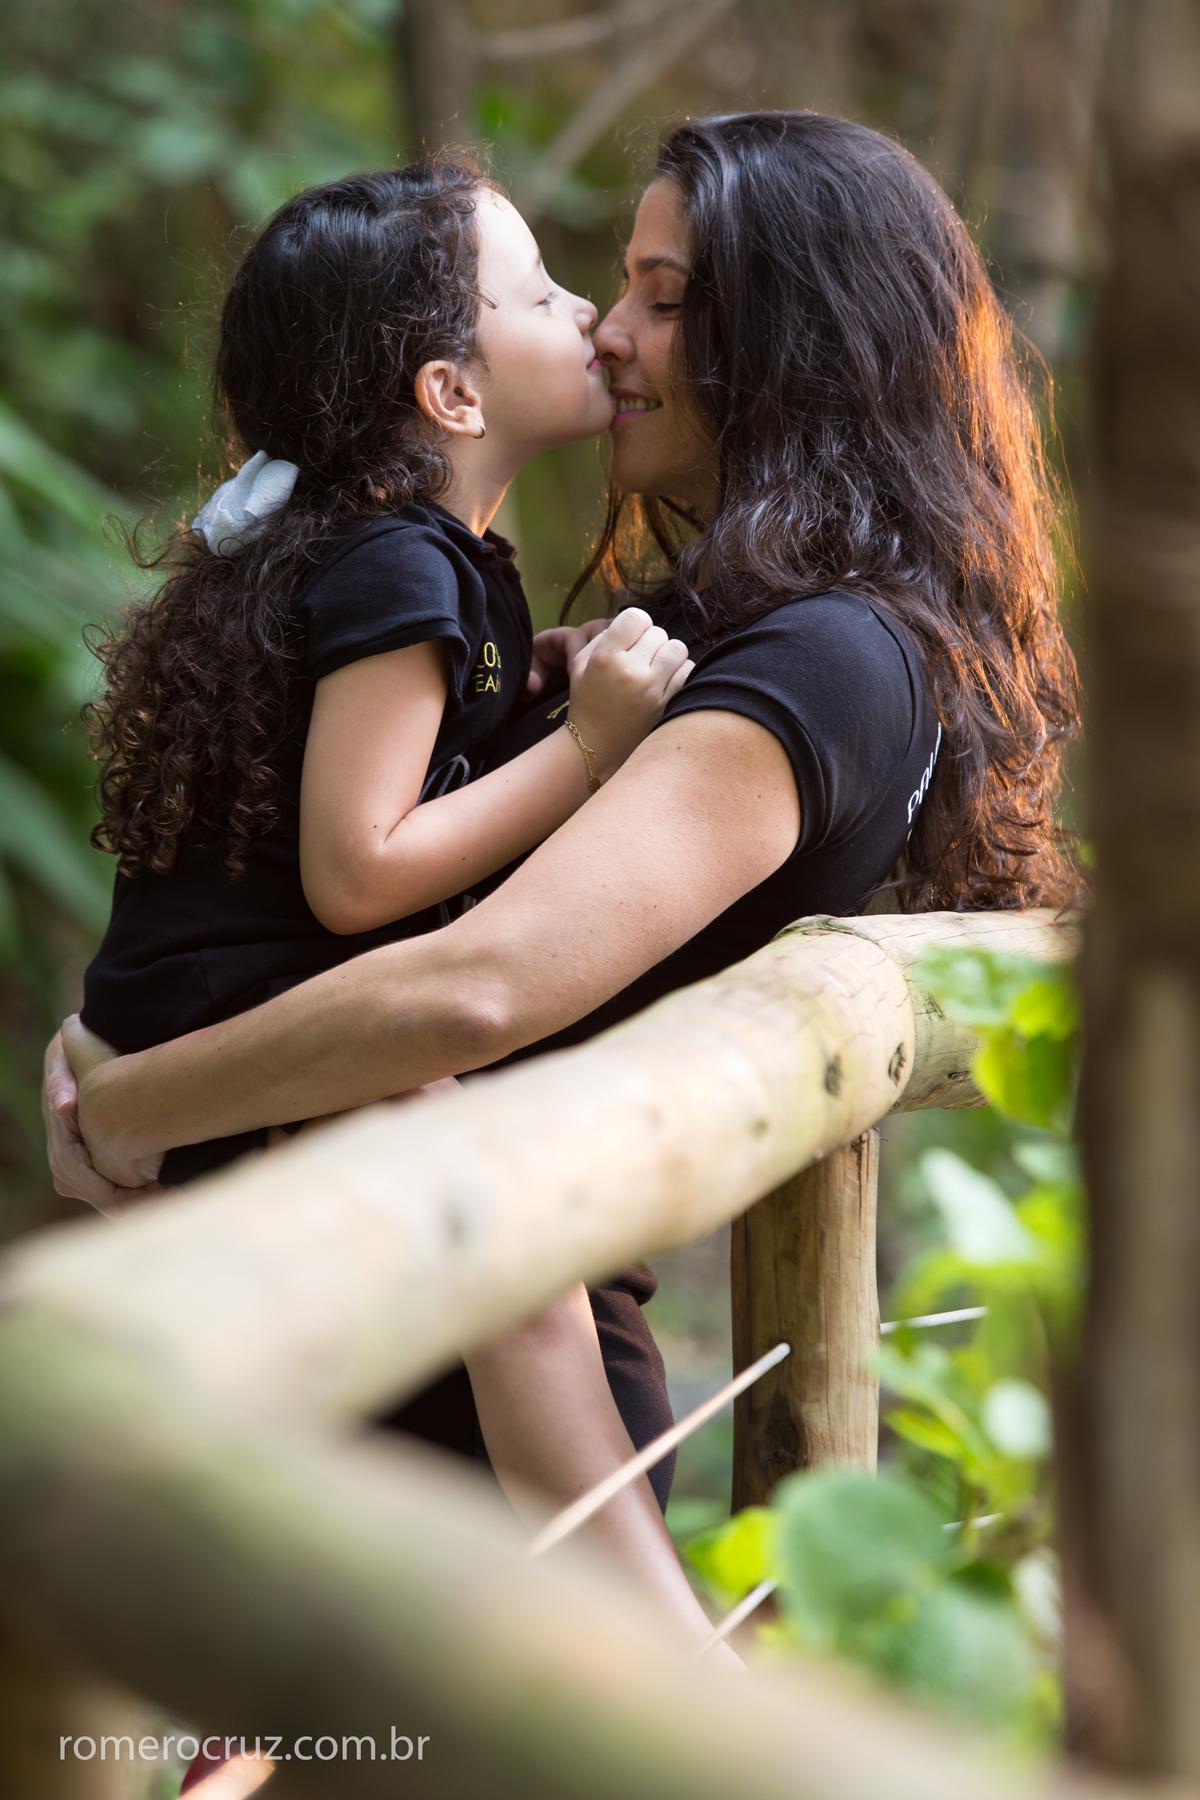 Nesta foto o fotógrafo Romero Cruz captura o exato momento de carinho entre mãe e filha em ensaio de família